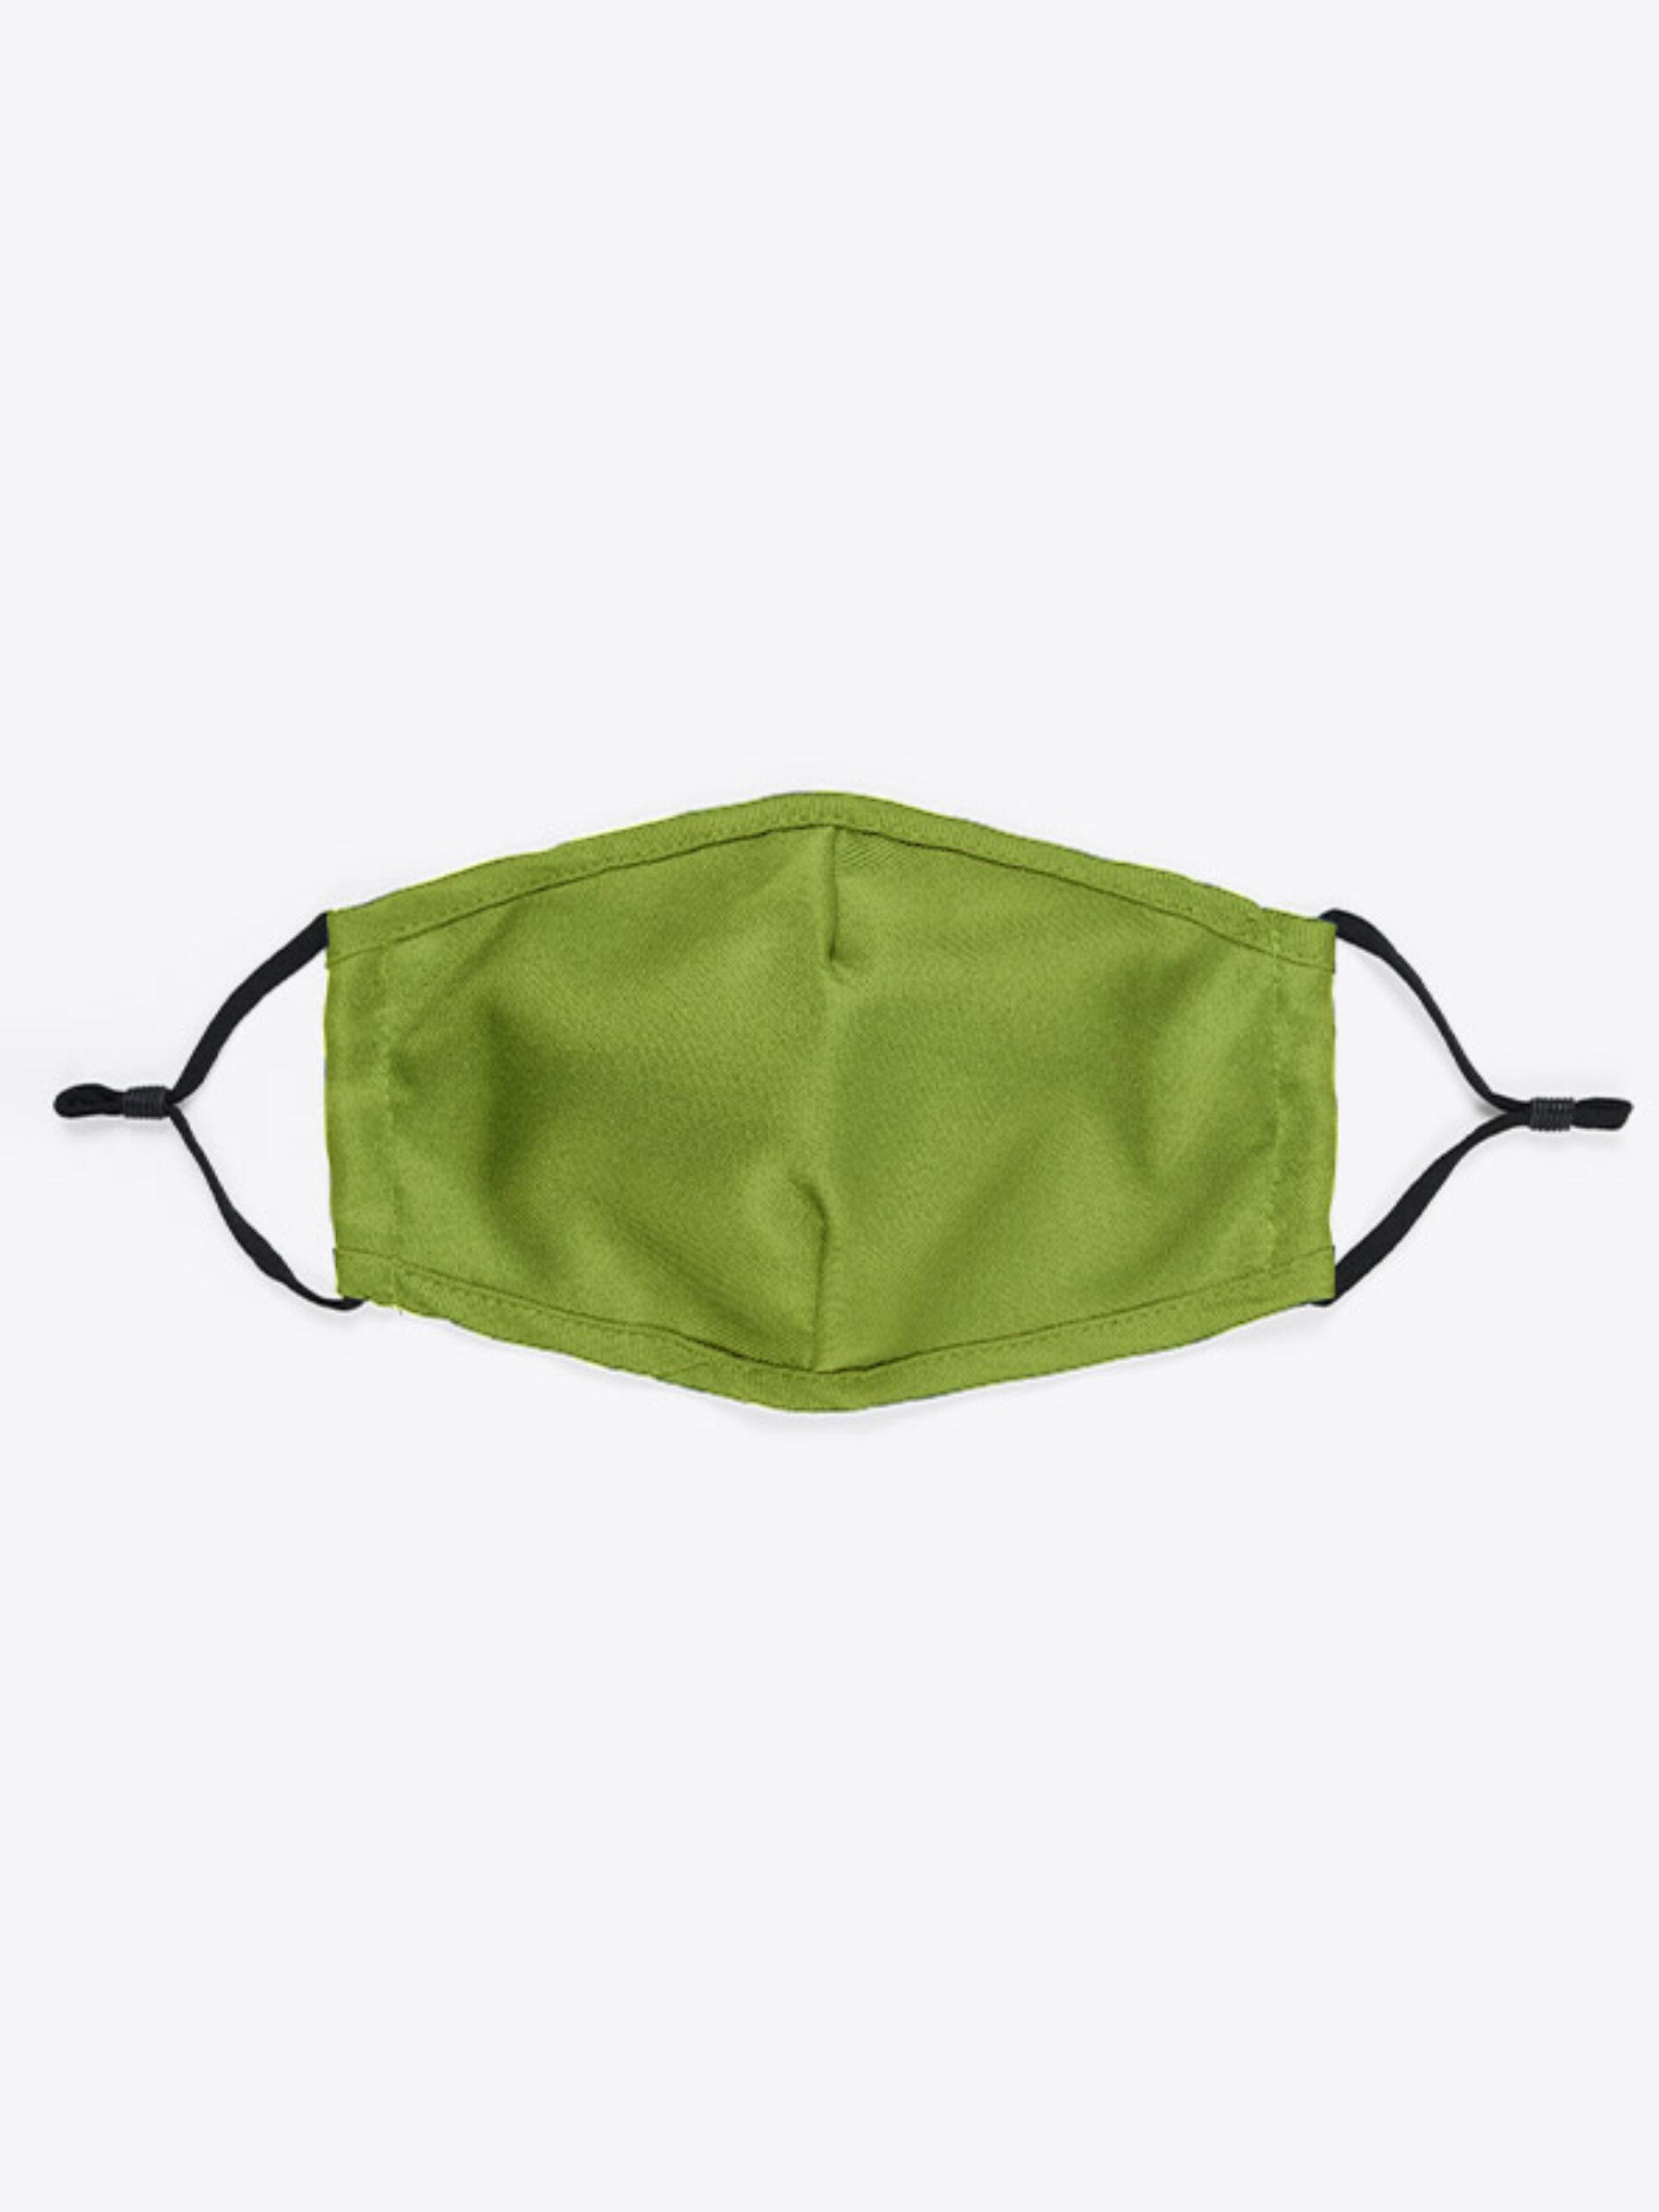 Community Maske Schutzmaske Mit Wechselfilter Gruen